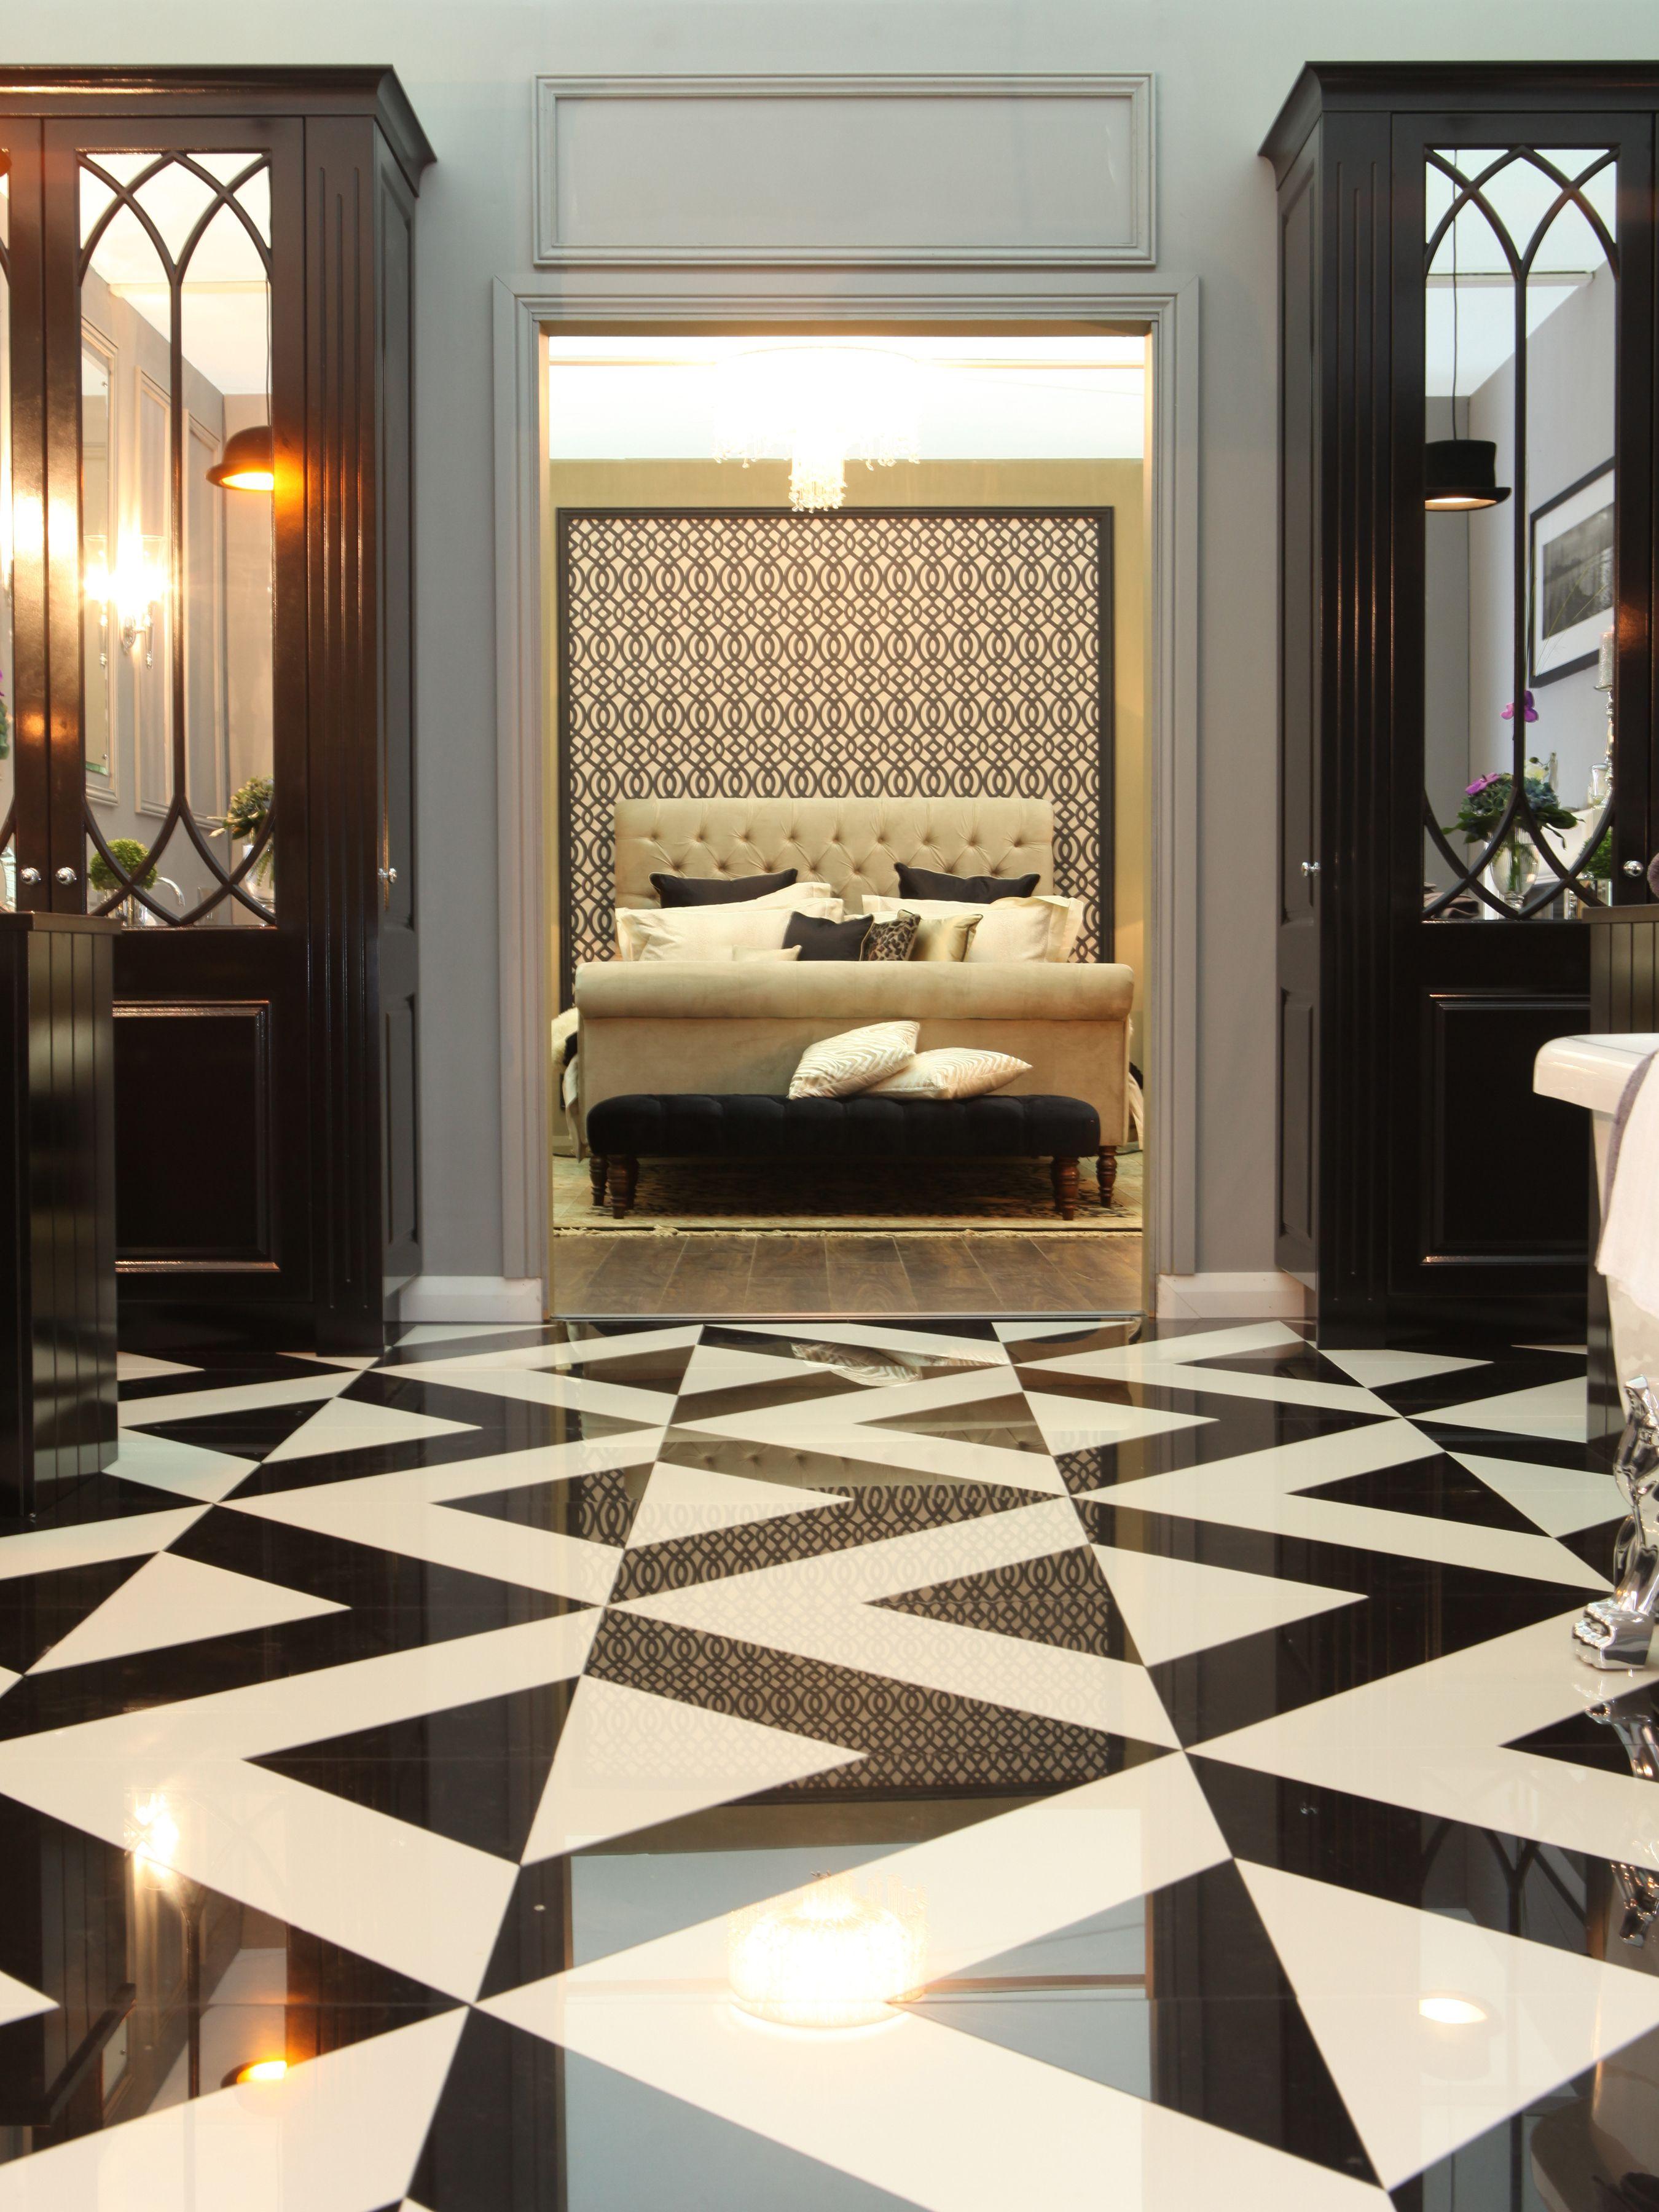 Art Deco Art Deco Design Design And Geometric Shapes - Show houses interior design